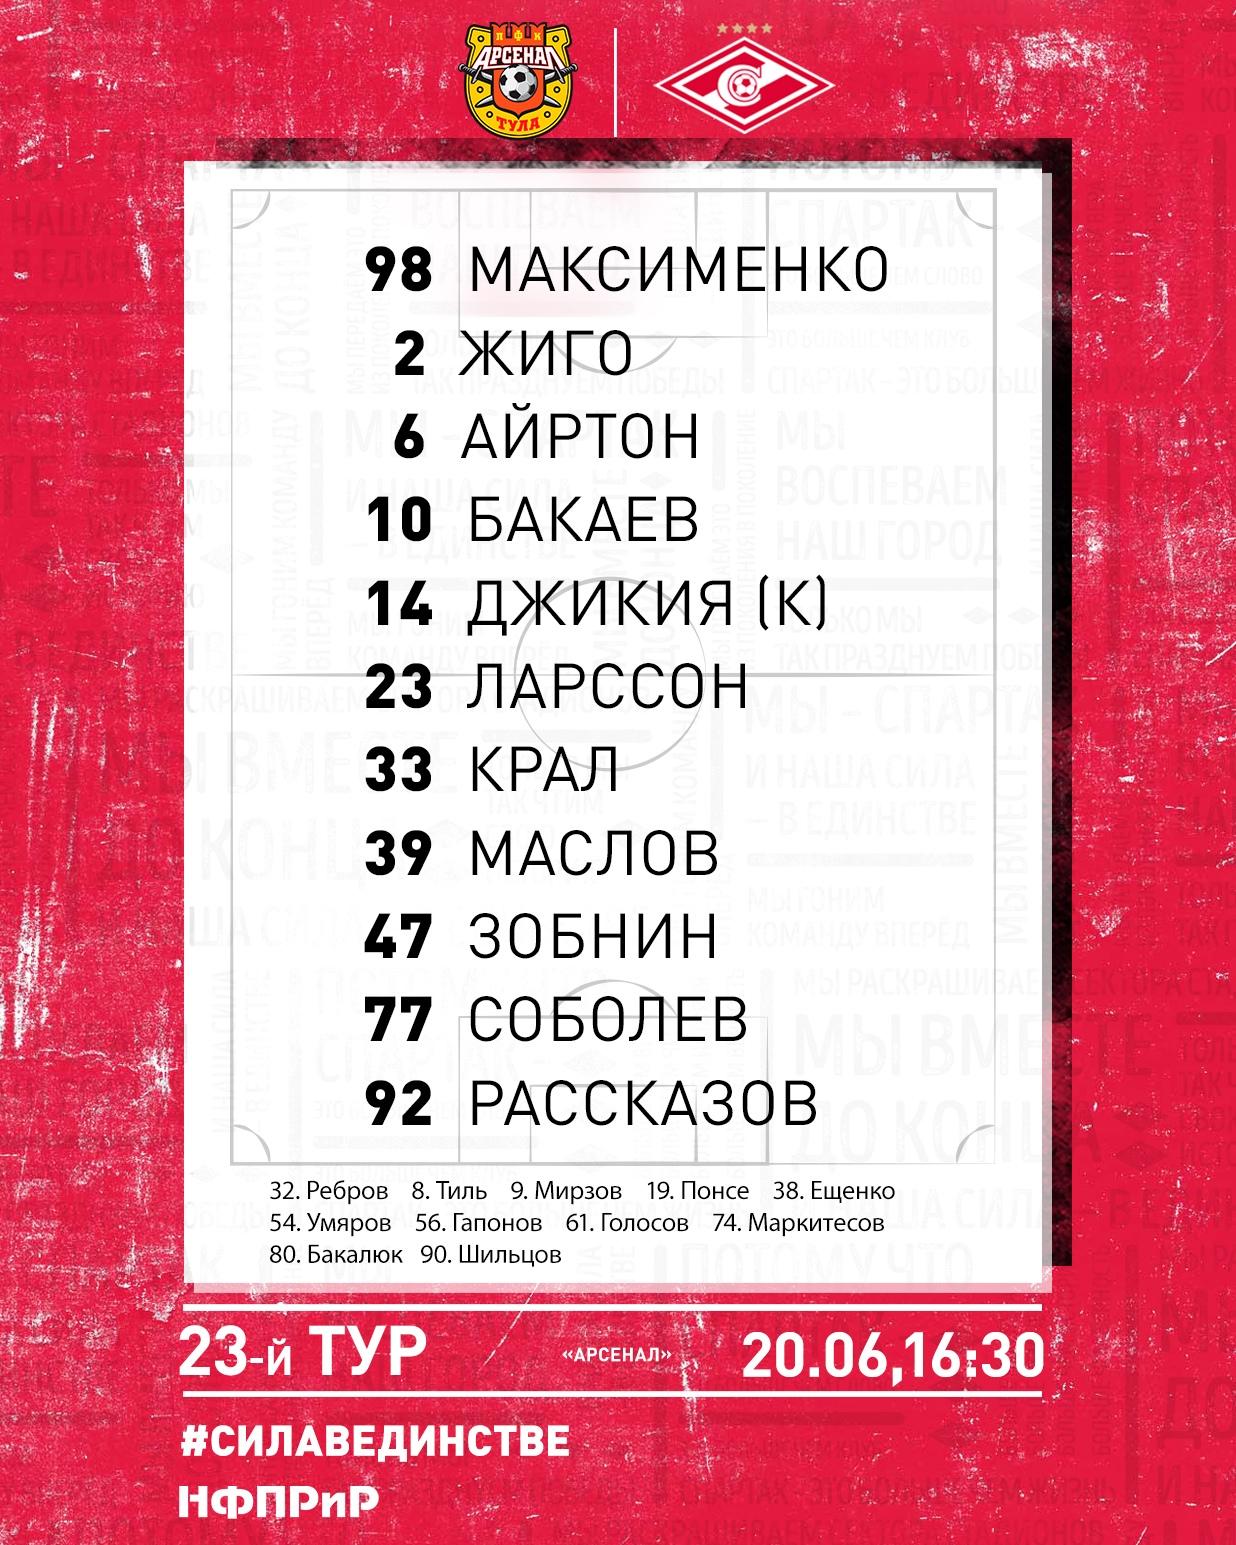 Состав «Спартака» в матче 23-го тура в Туле с «Арсеналом»